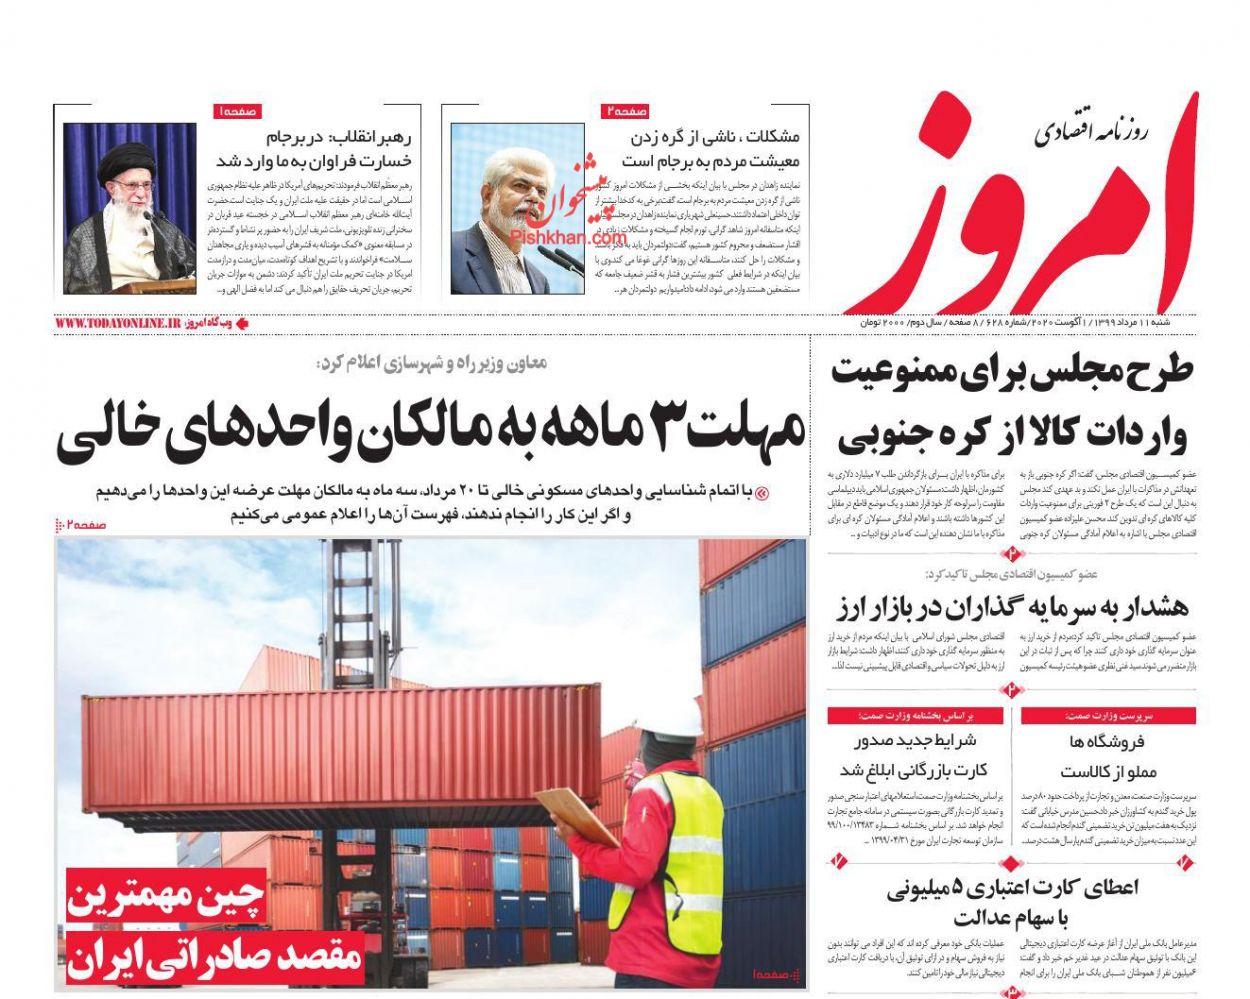 عناوین اخبار روزنامه امروز در روز شنبه ۱۱ مرداد